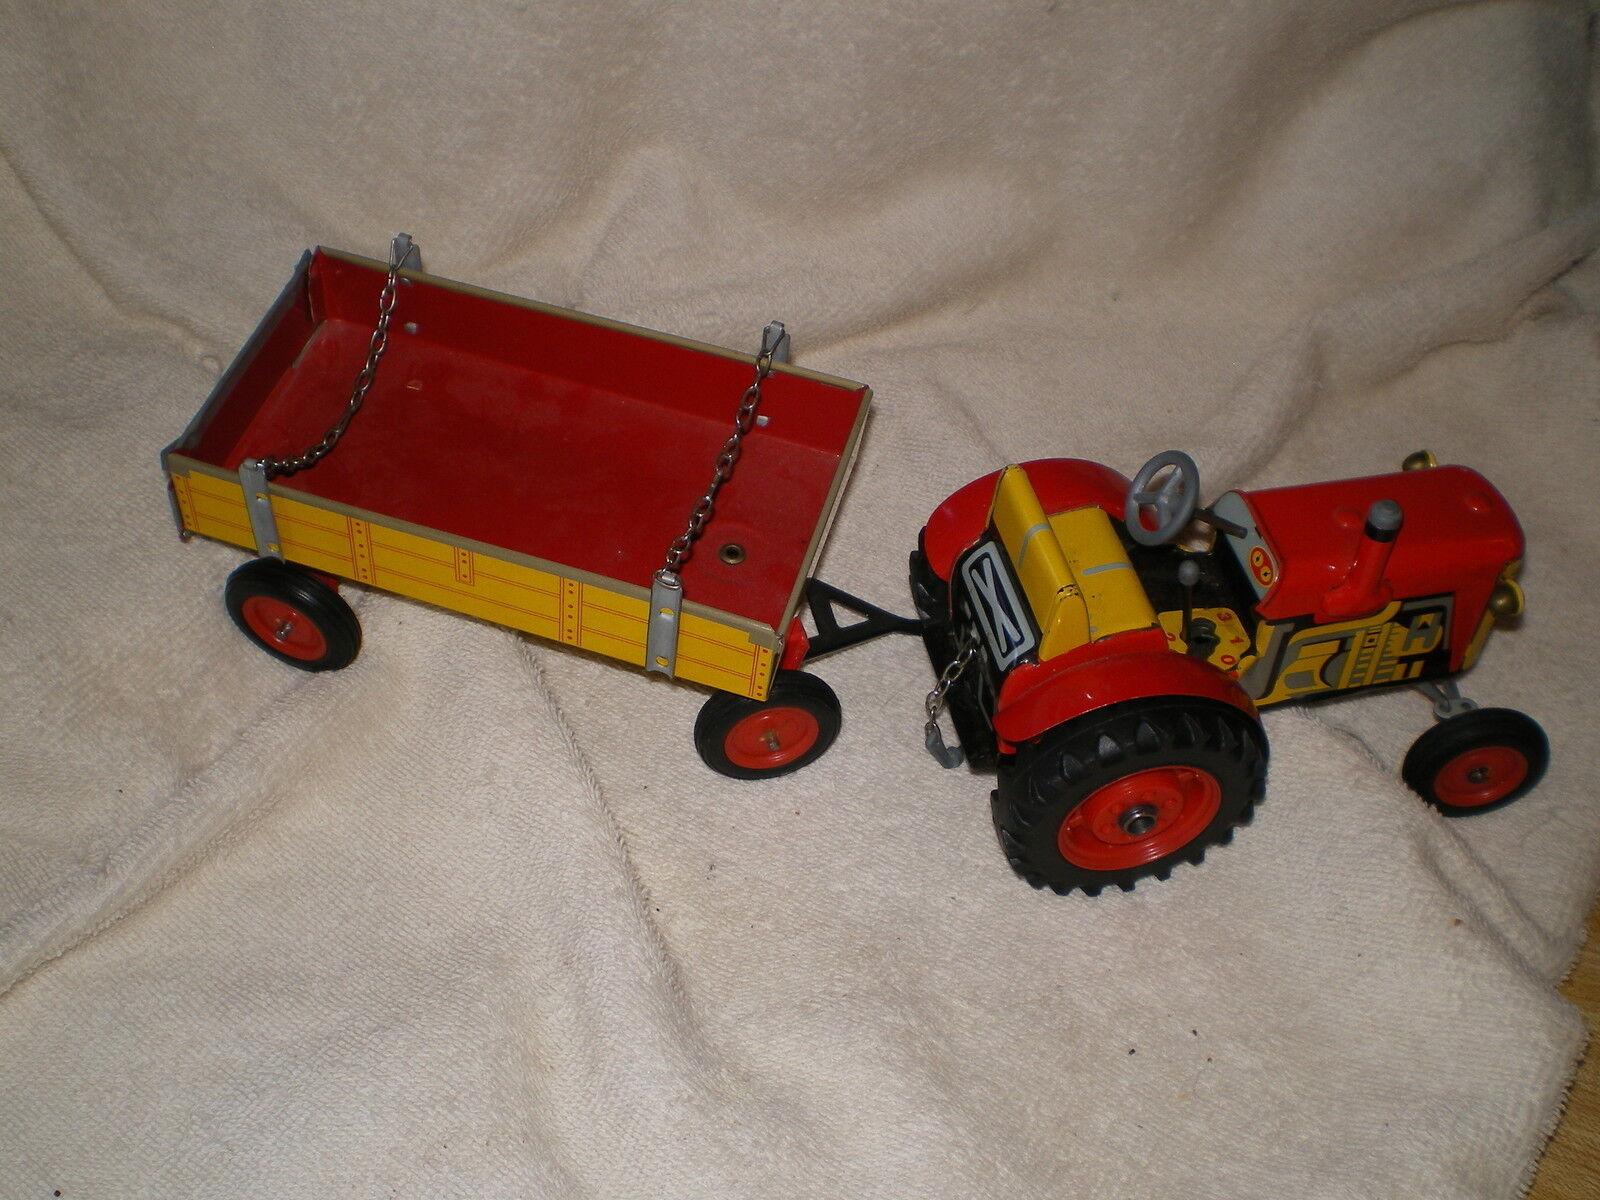 Zetor Tractor & Remolque, Vintage Estaño Wind Up Juguete, República Checa, ninguna clave